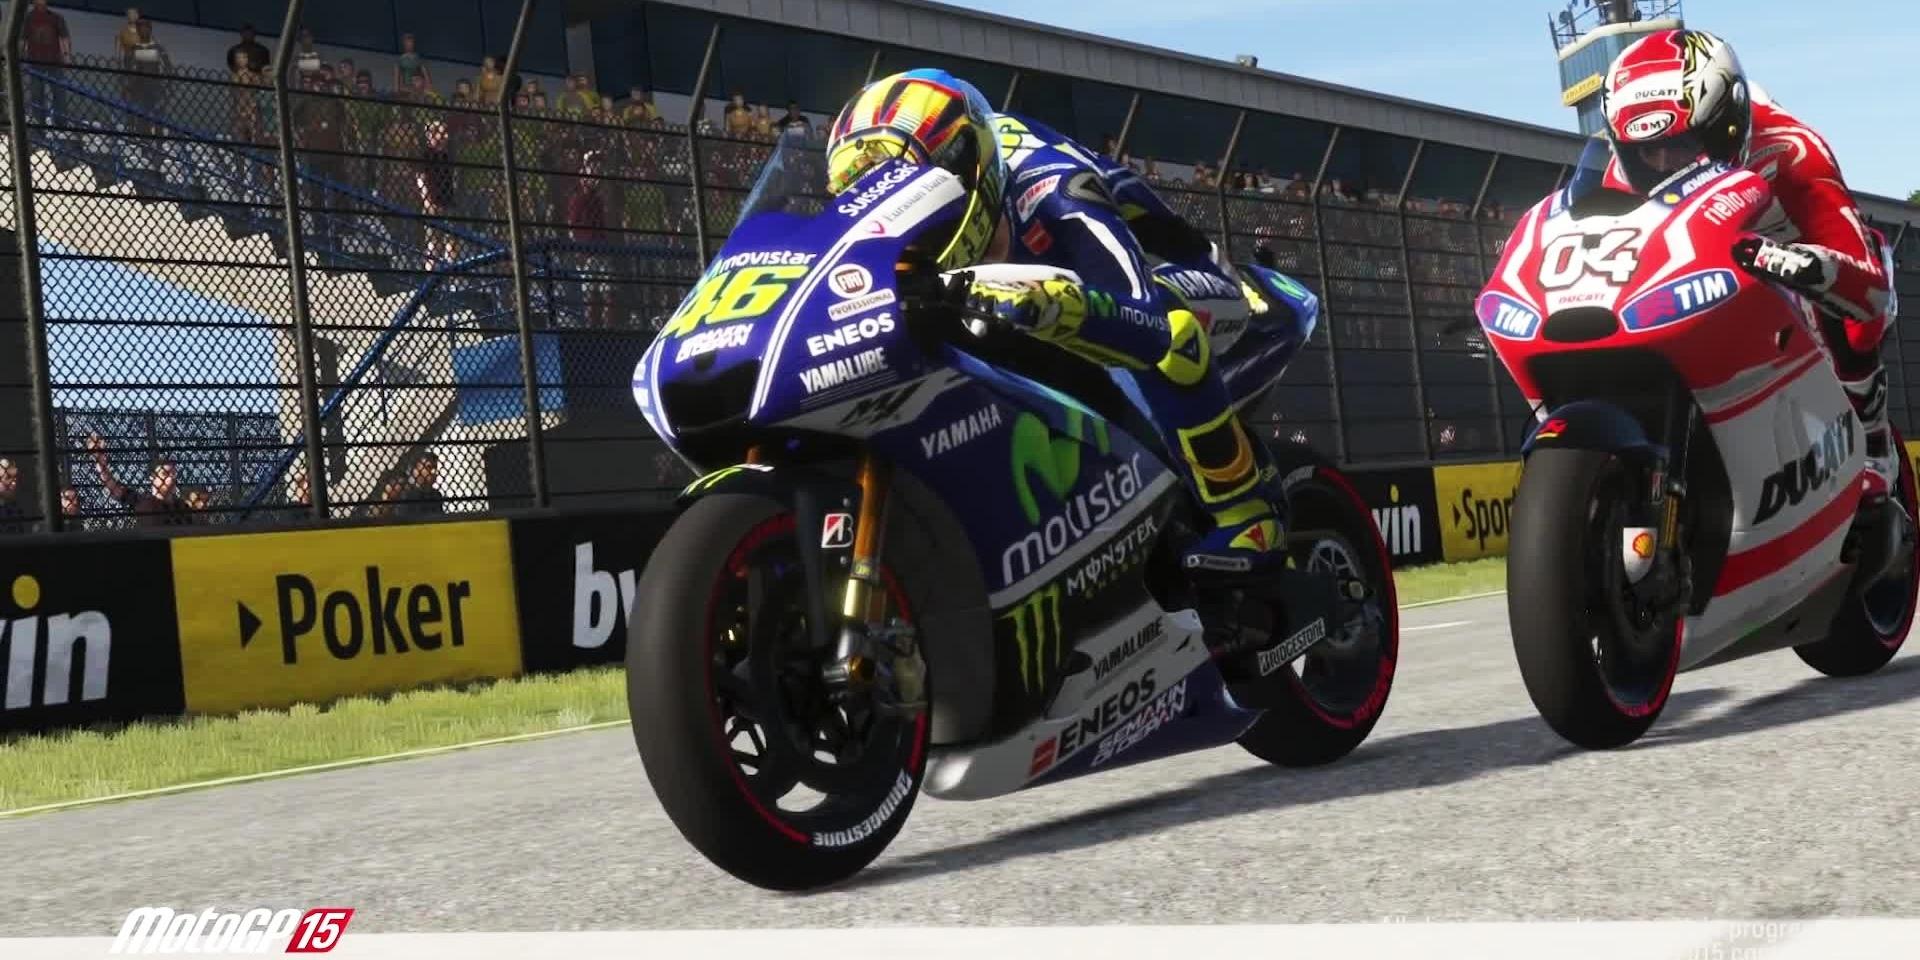 想當Rossi在賽道上與Marquez拼命嗎?